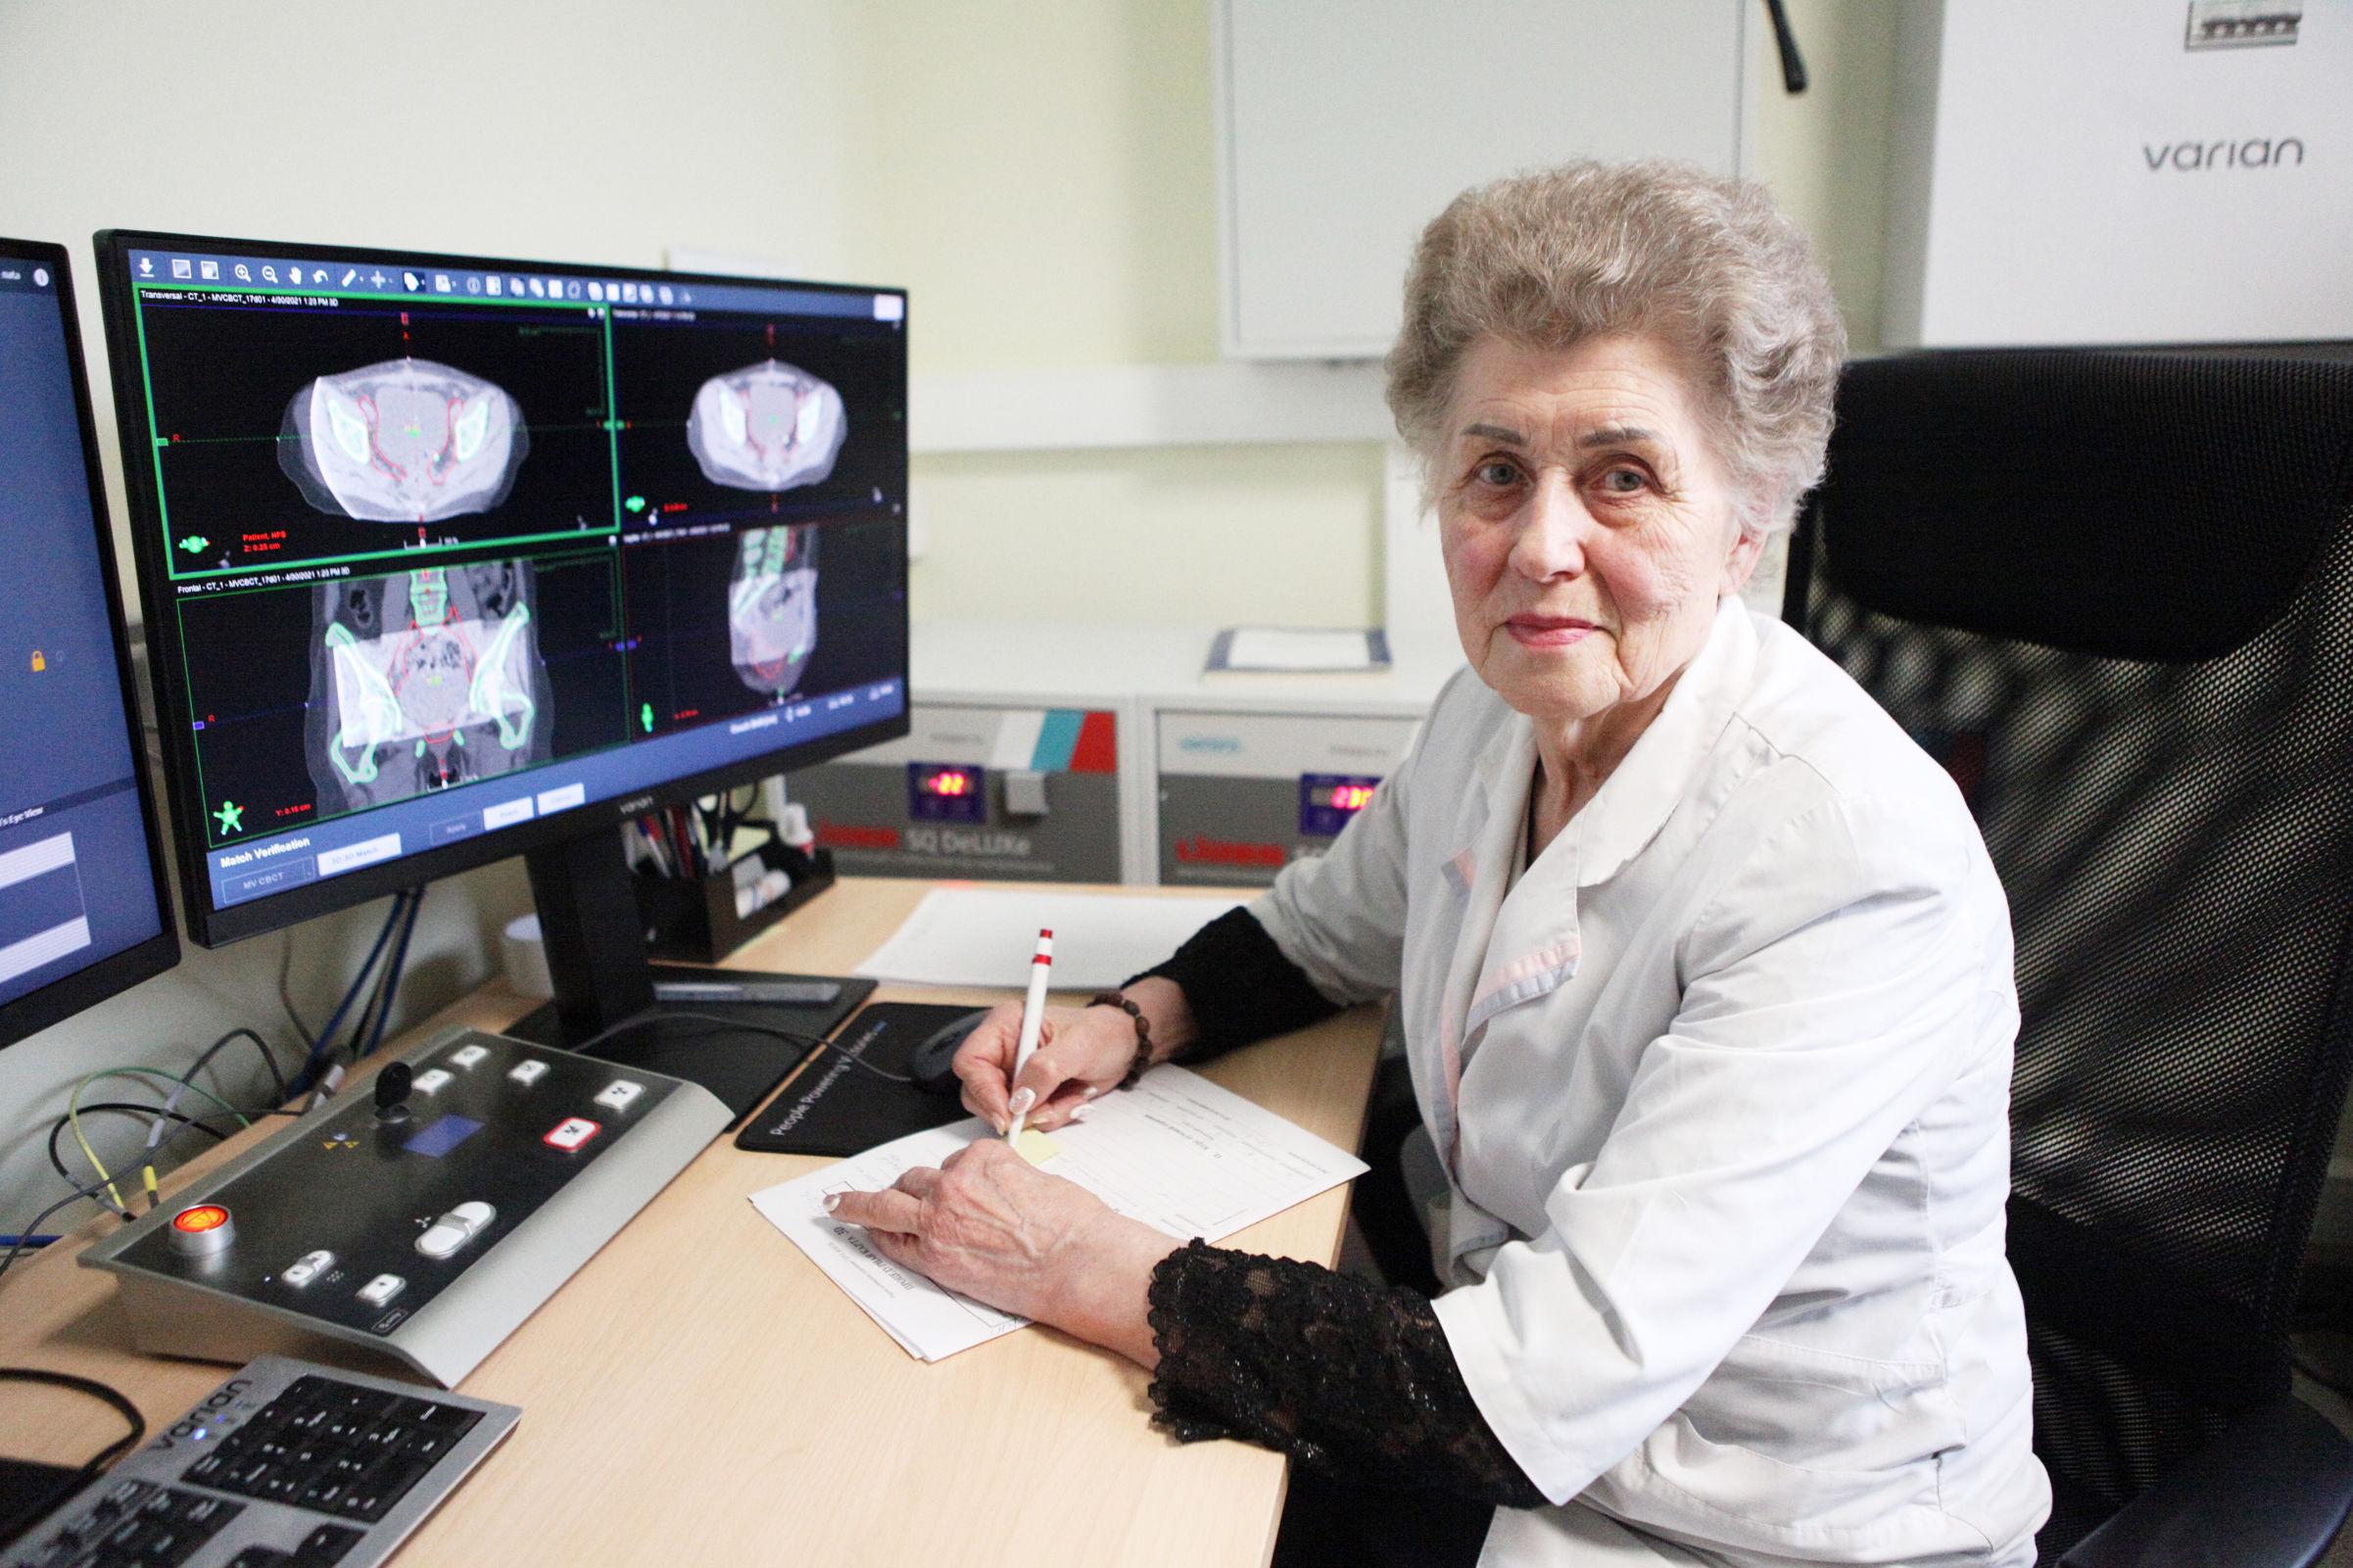 Старшая сестра. Ярославна Нелли Беспалова работает в онкологической больнице уже 60 лет